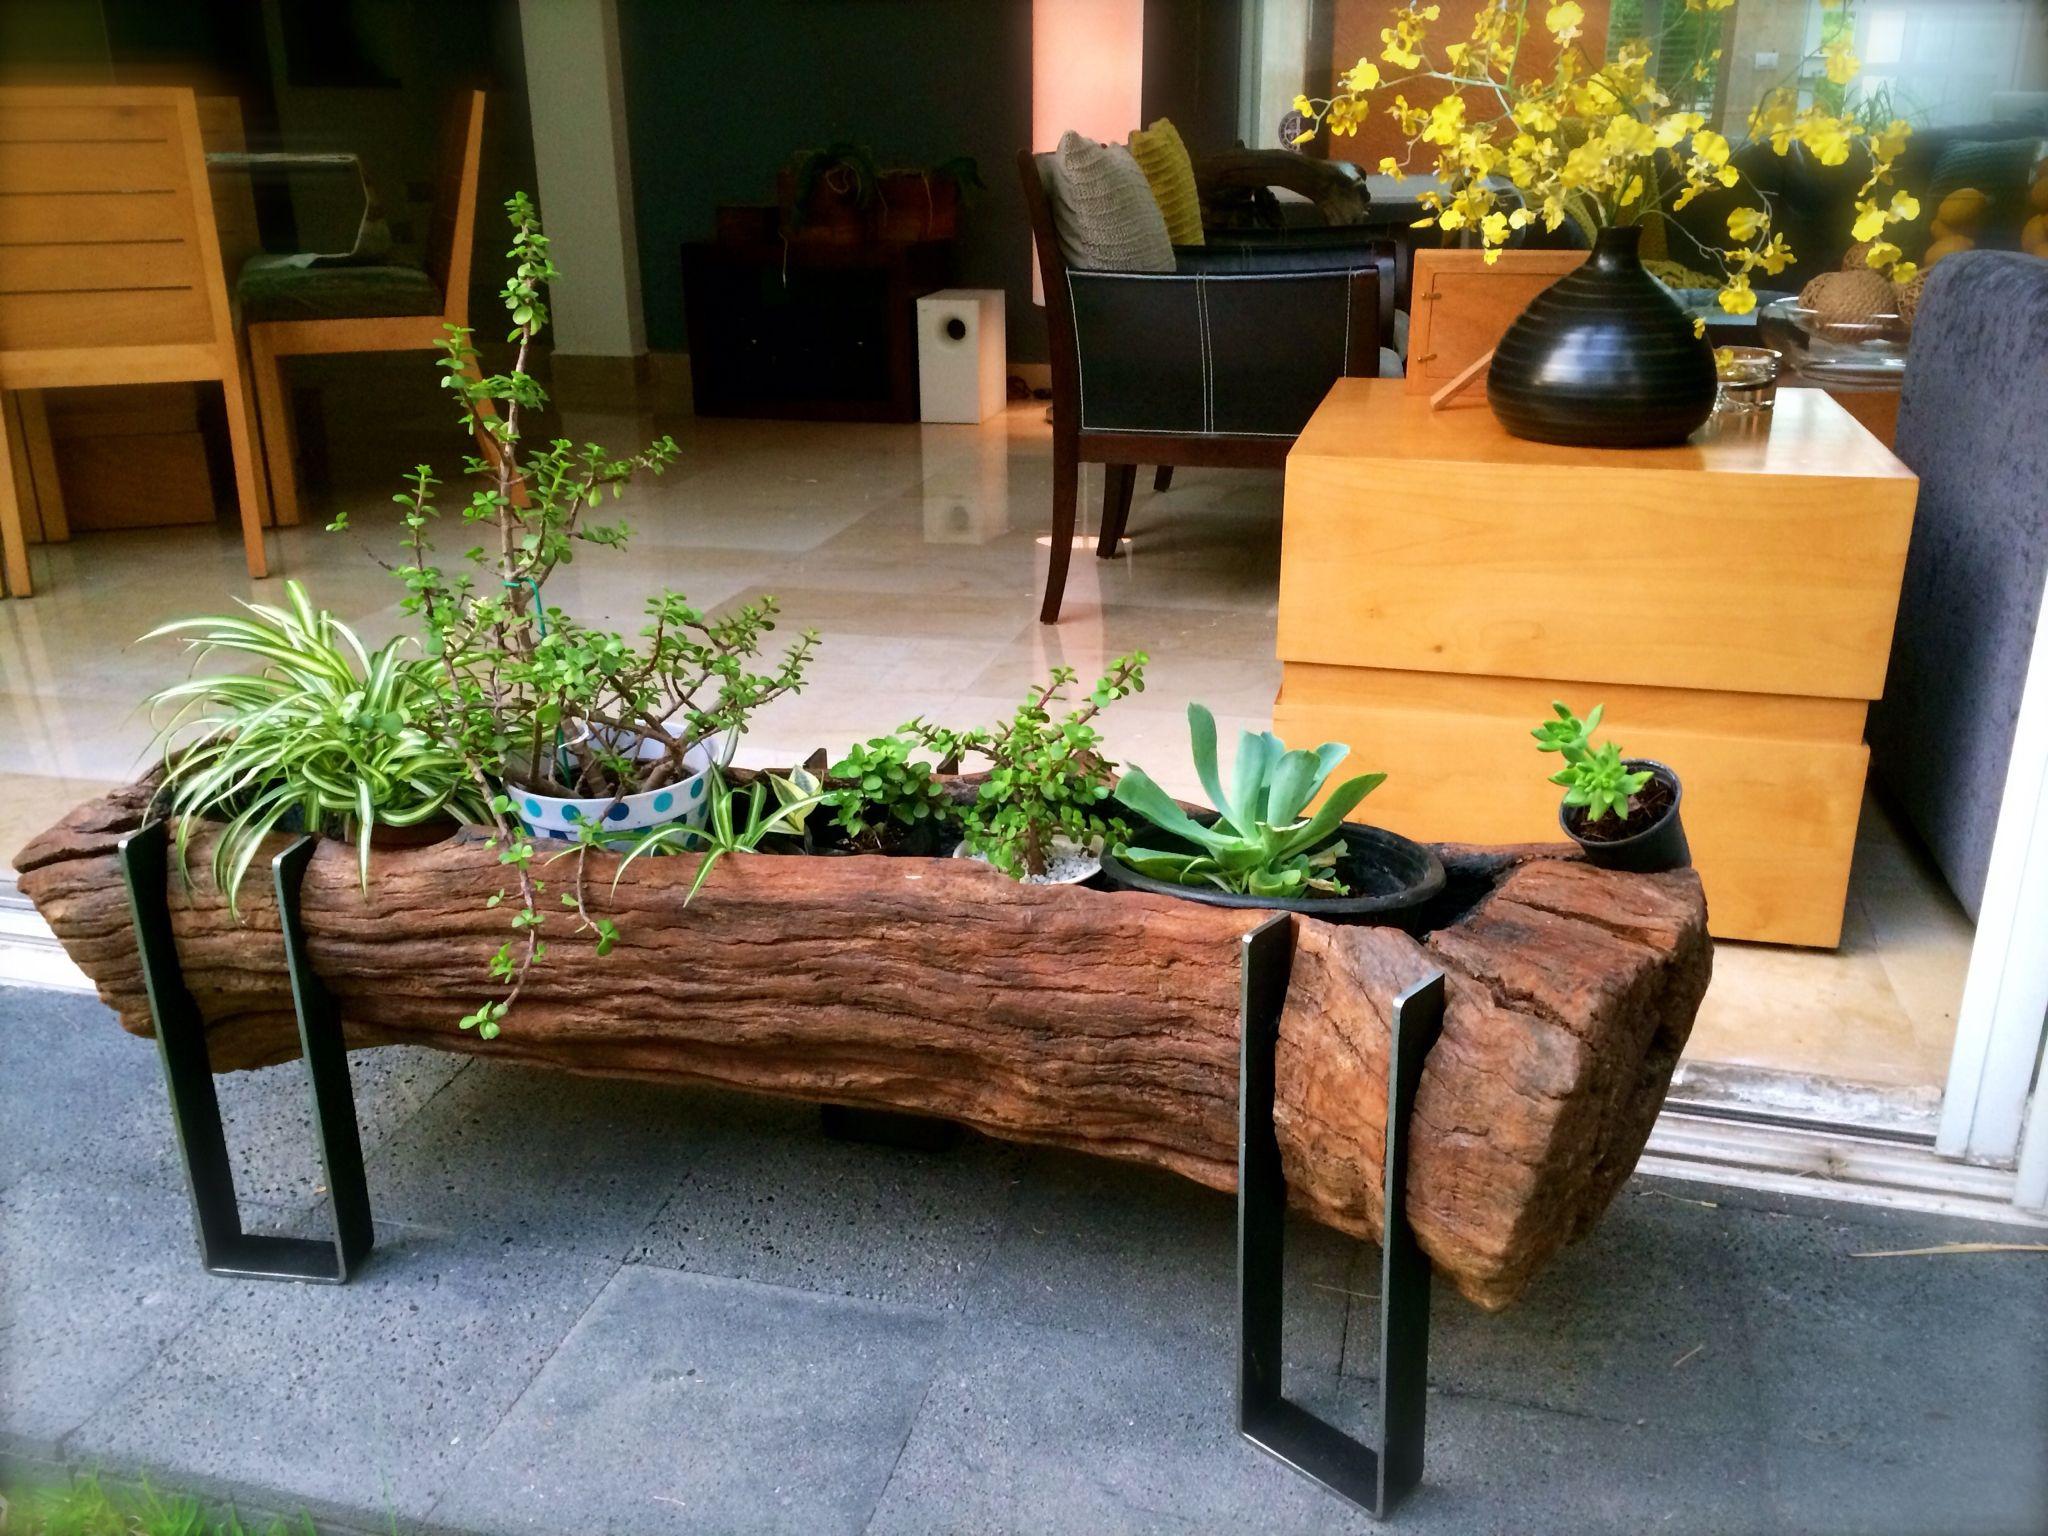 madera reciclada comedero de animales hecho jardinera